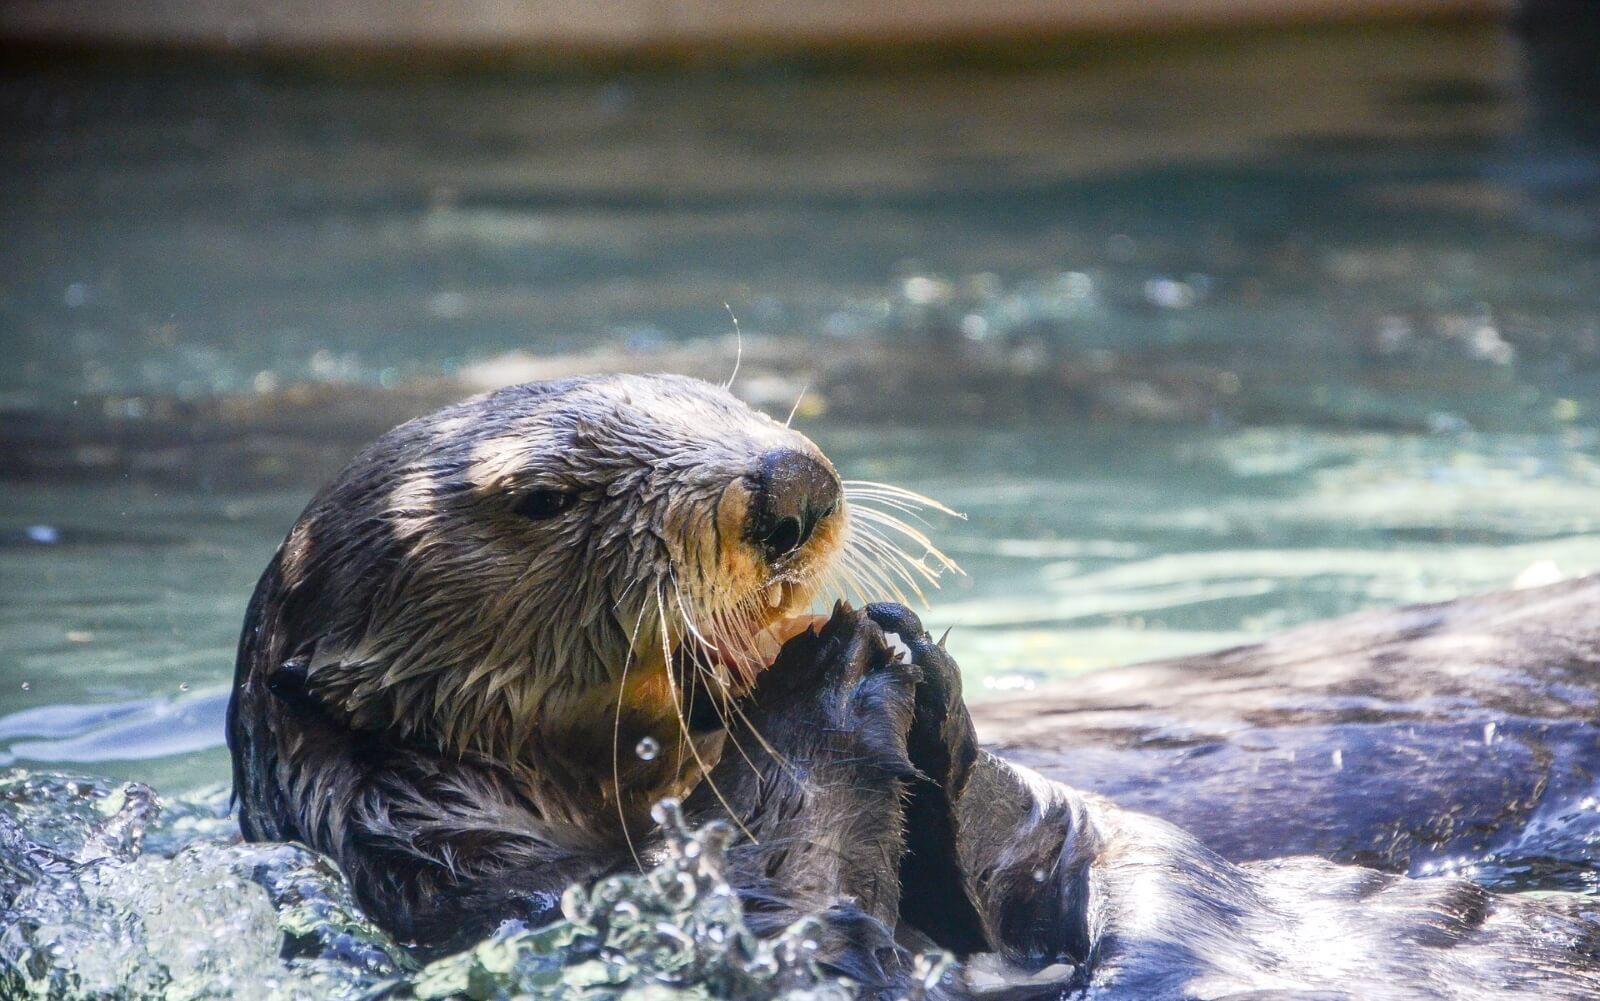 A Sea Otter at the Vancouver Aquarium